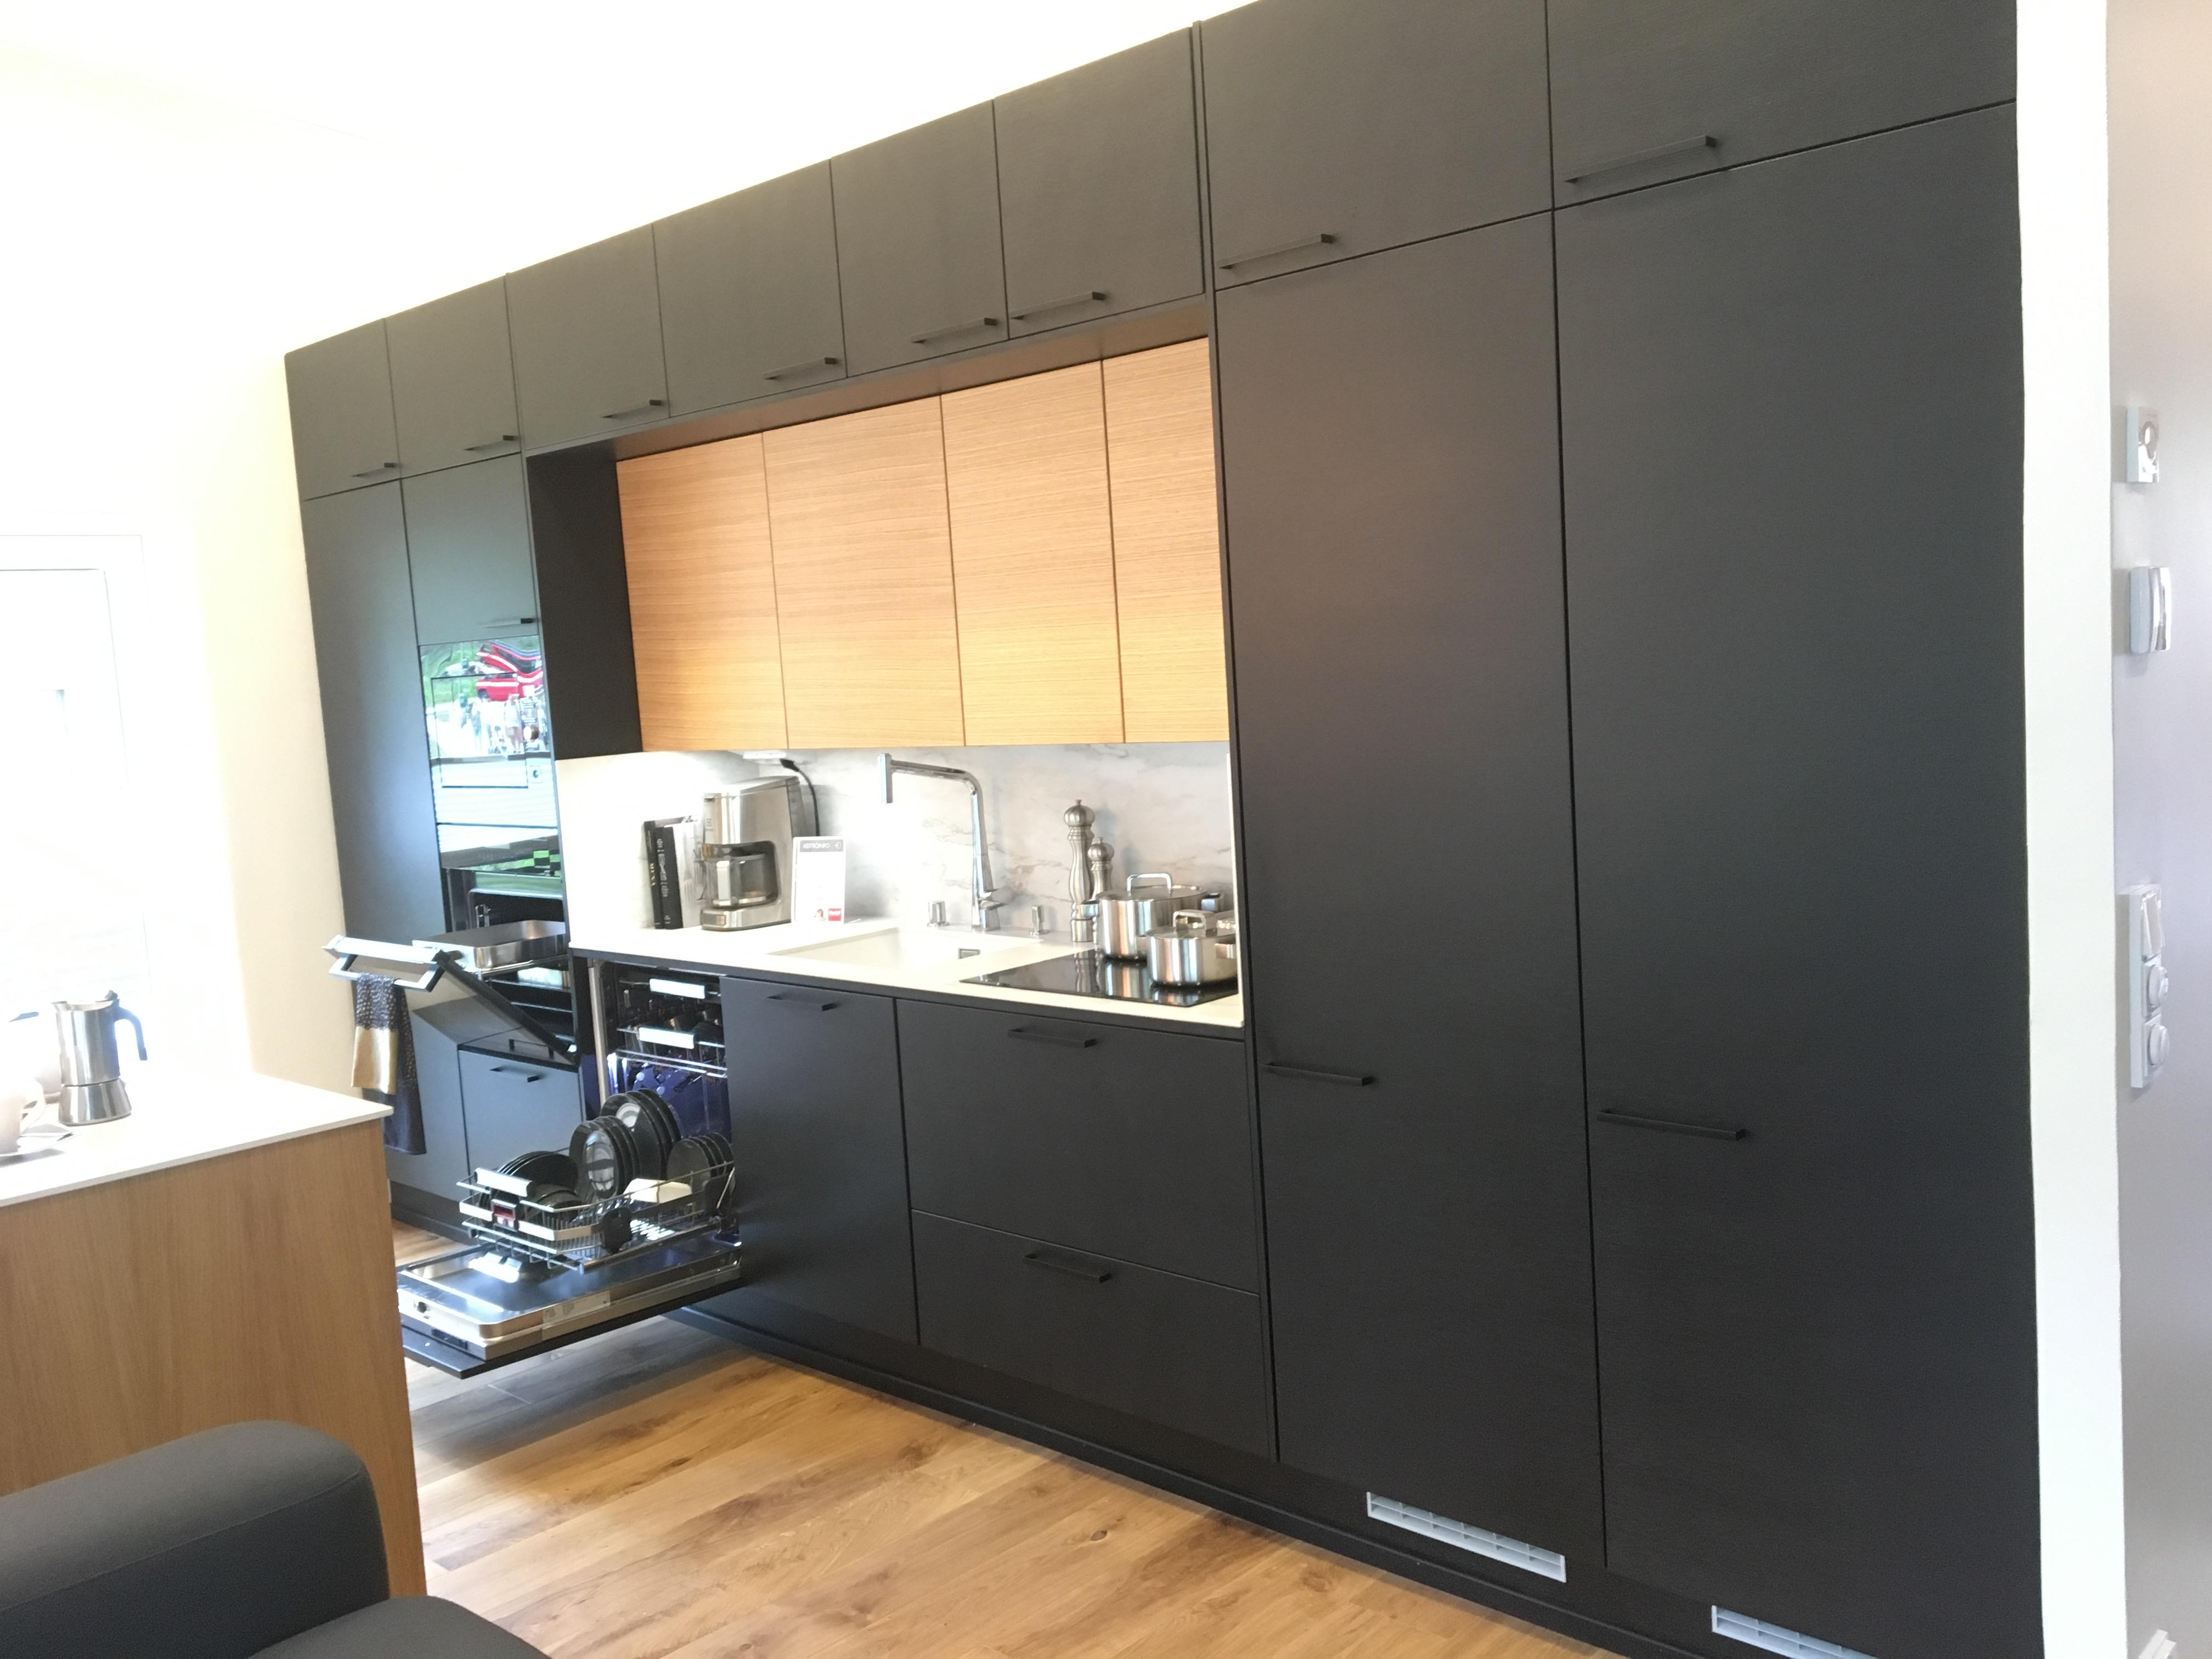 Mikkelin asuntomessut, mustat keittiökalusteet